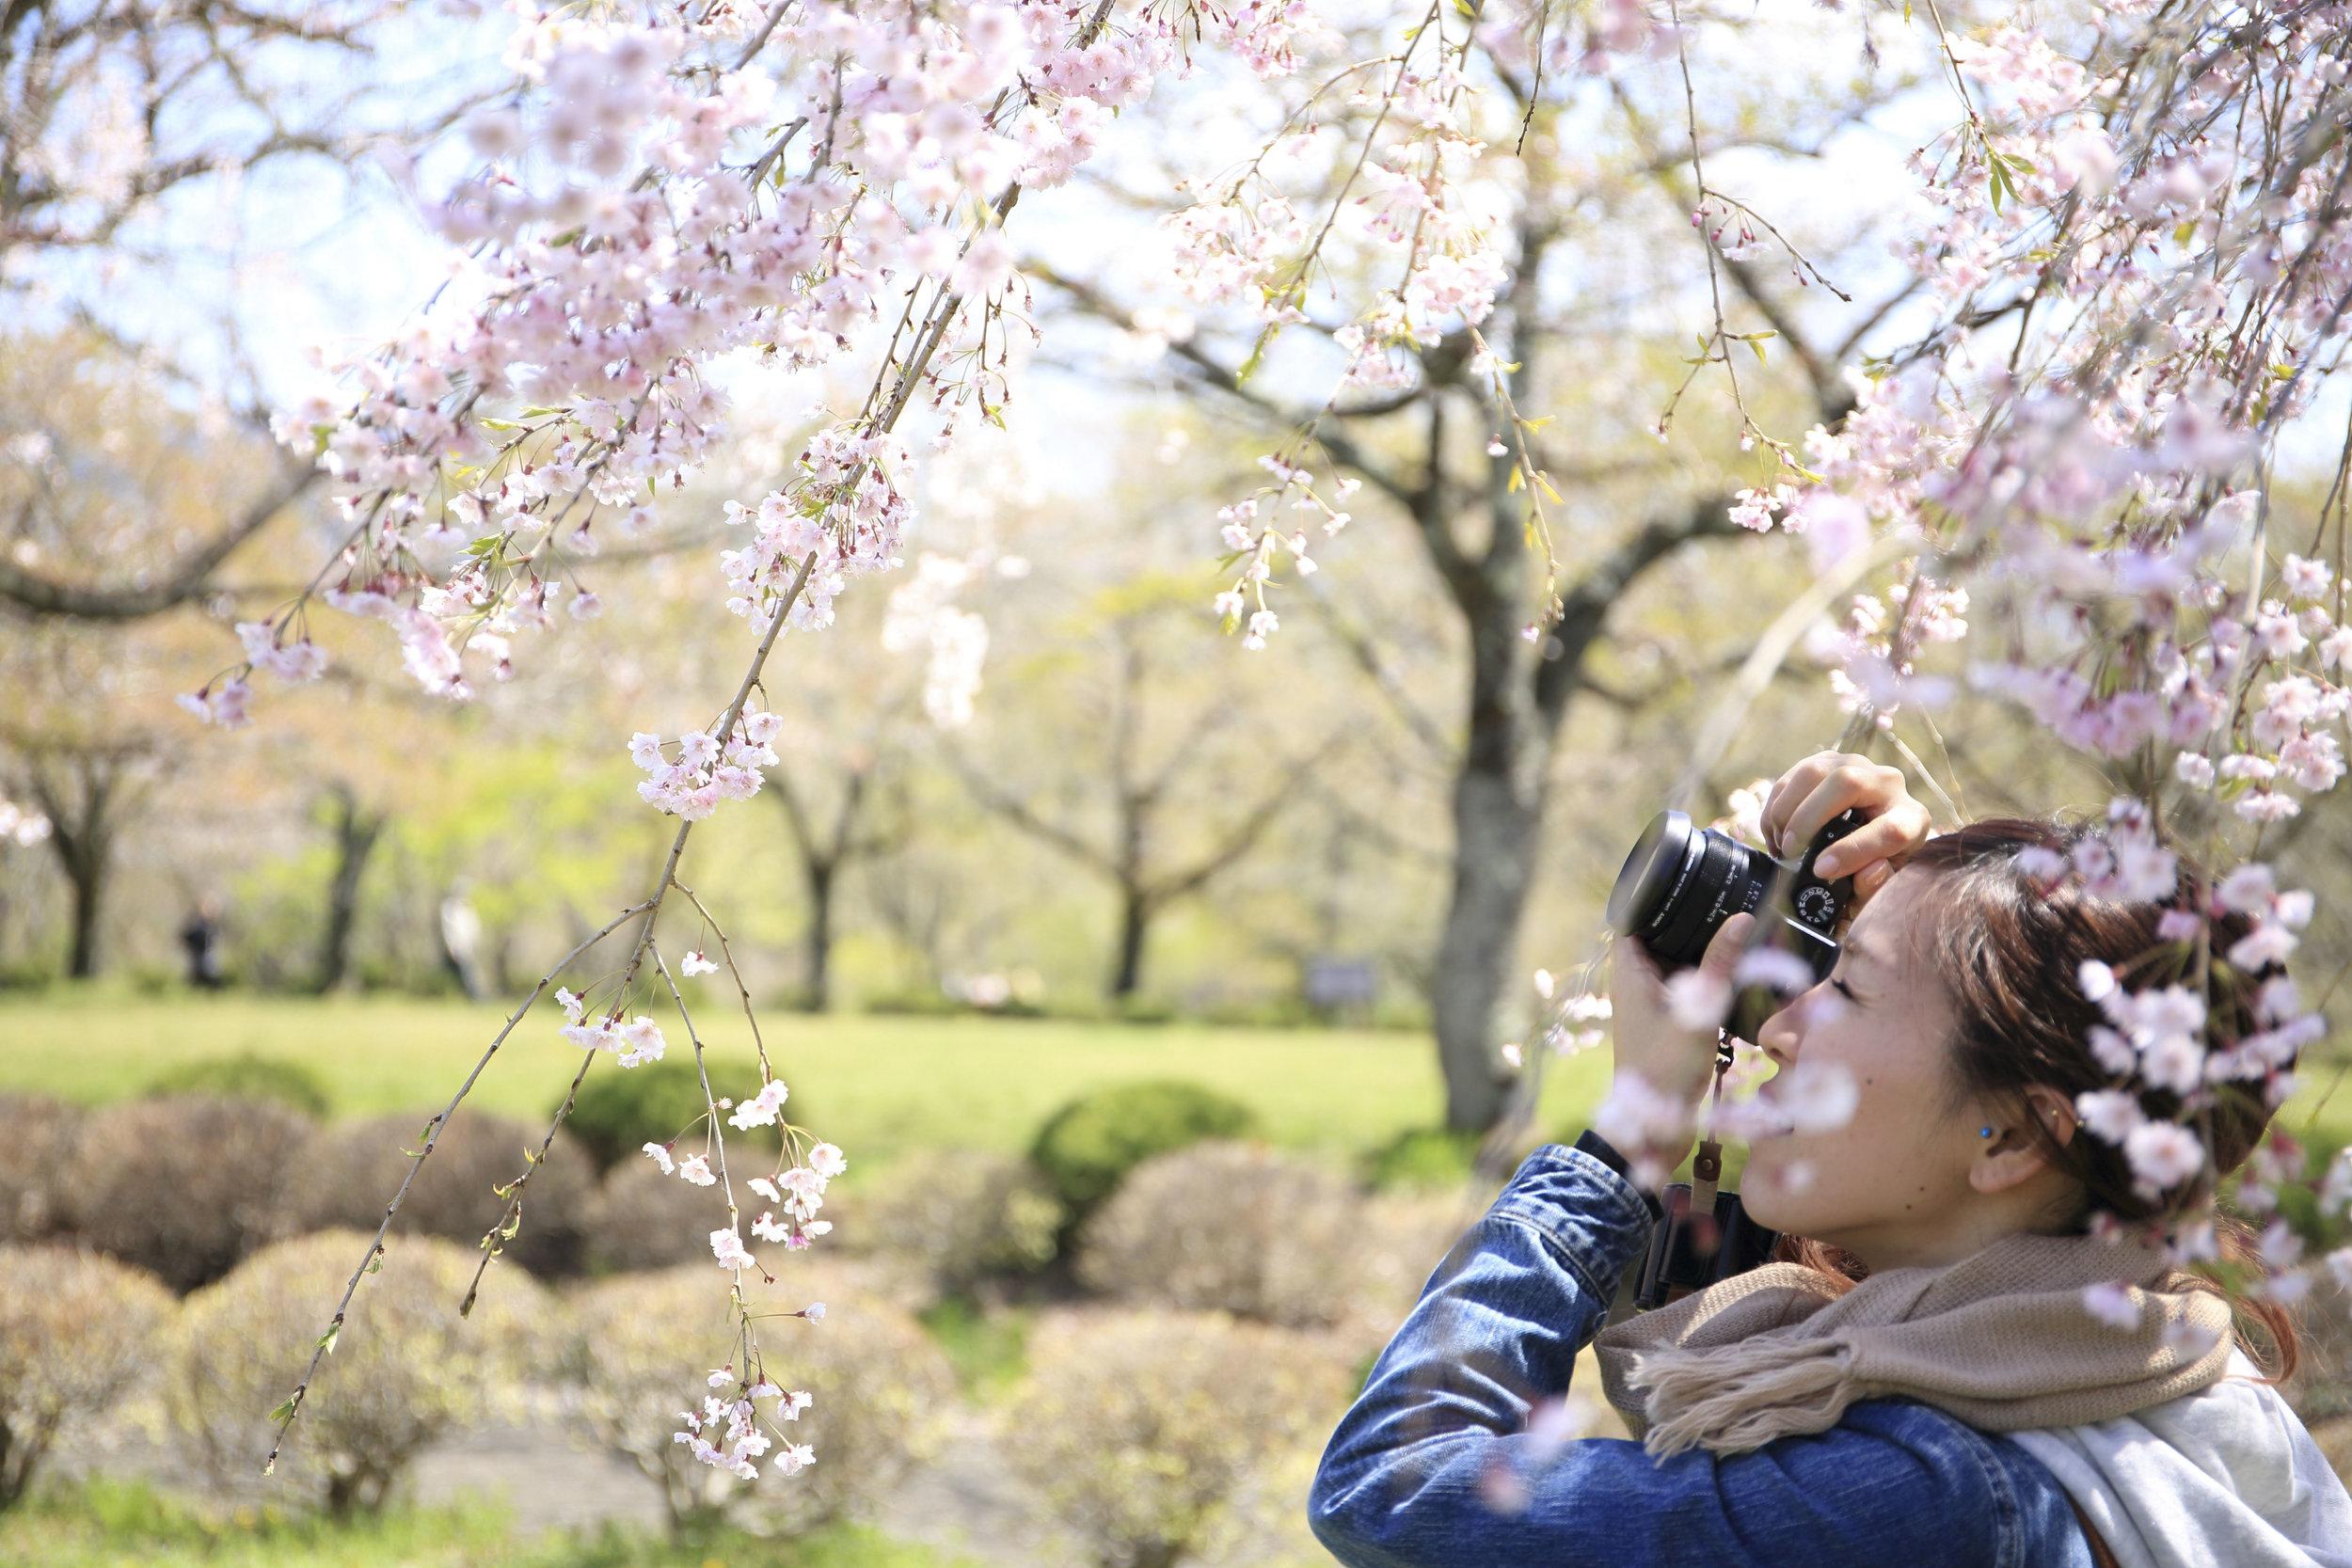 Tomando fotos del árbol frutal